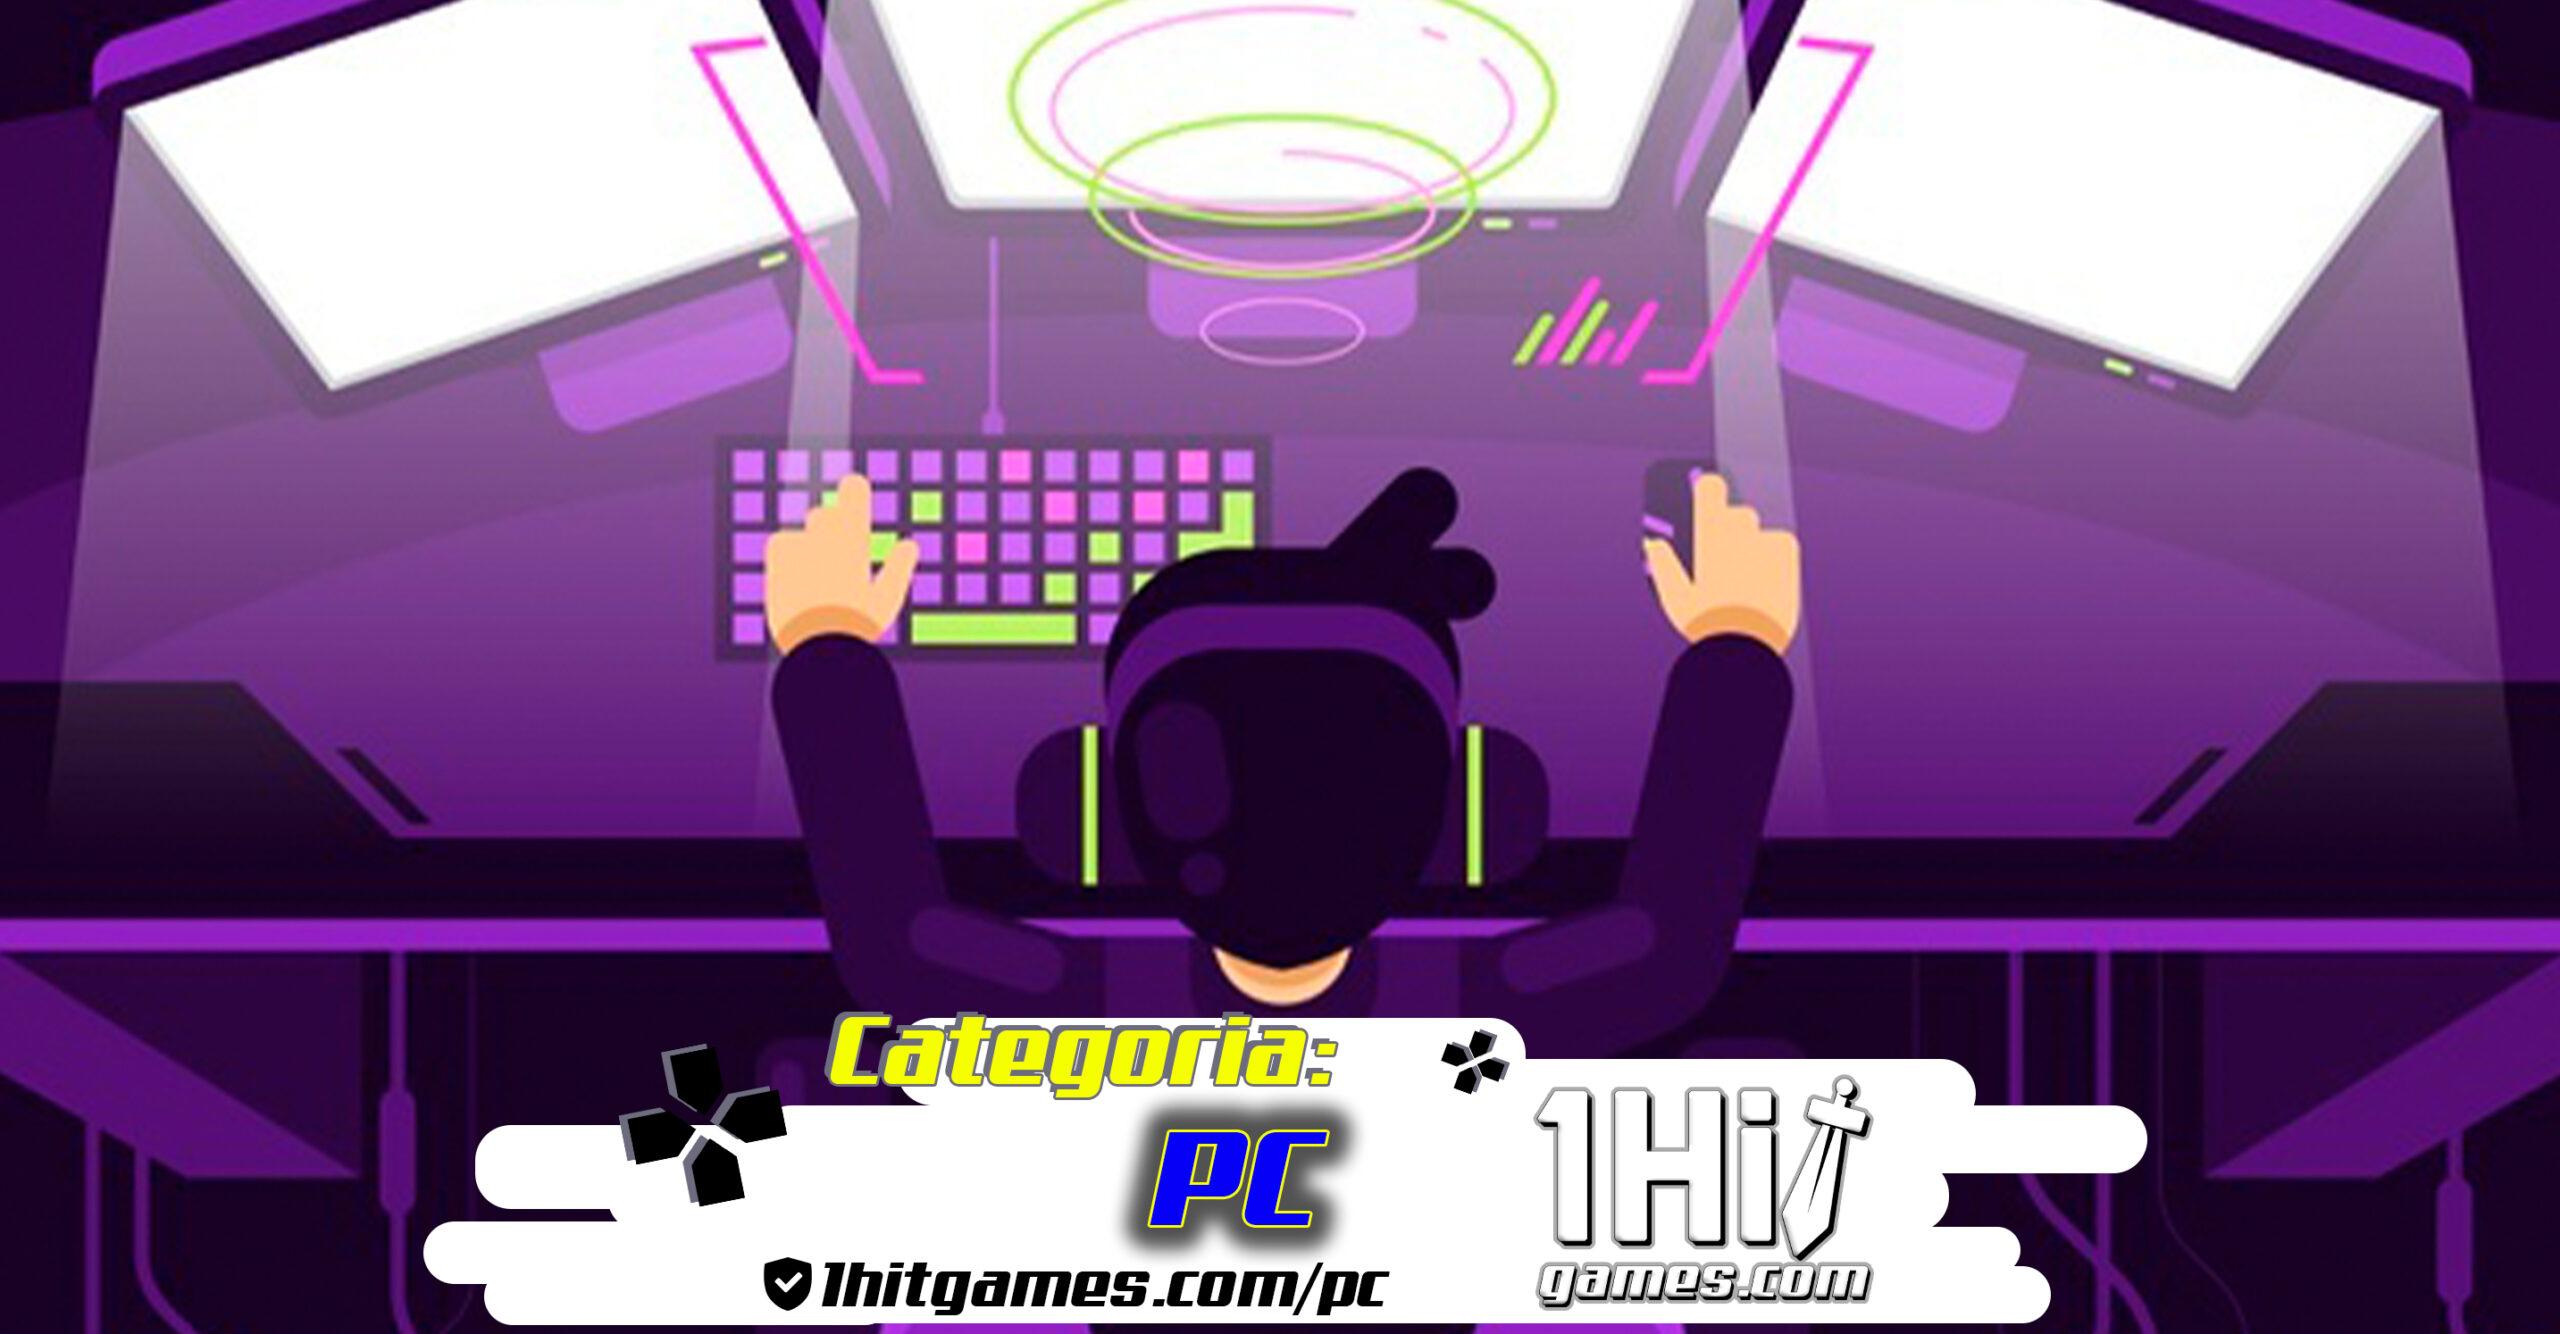 pc games 1hitgames jogos eletronicos categorias 1hit